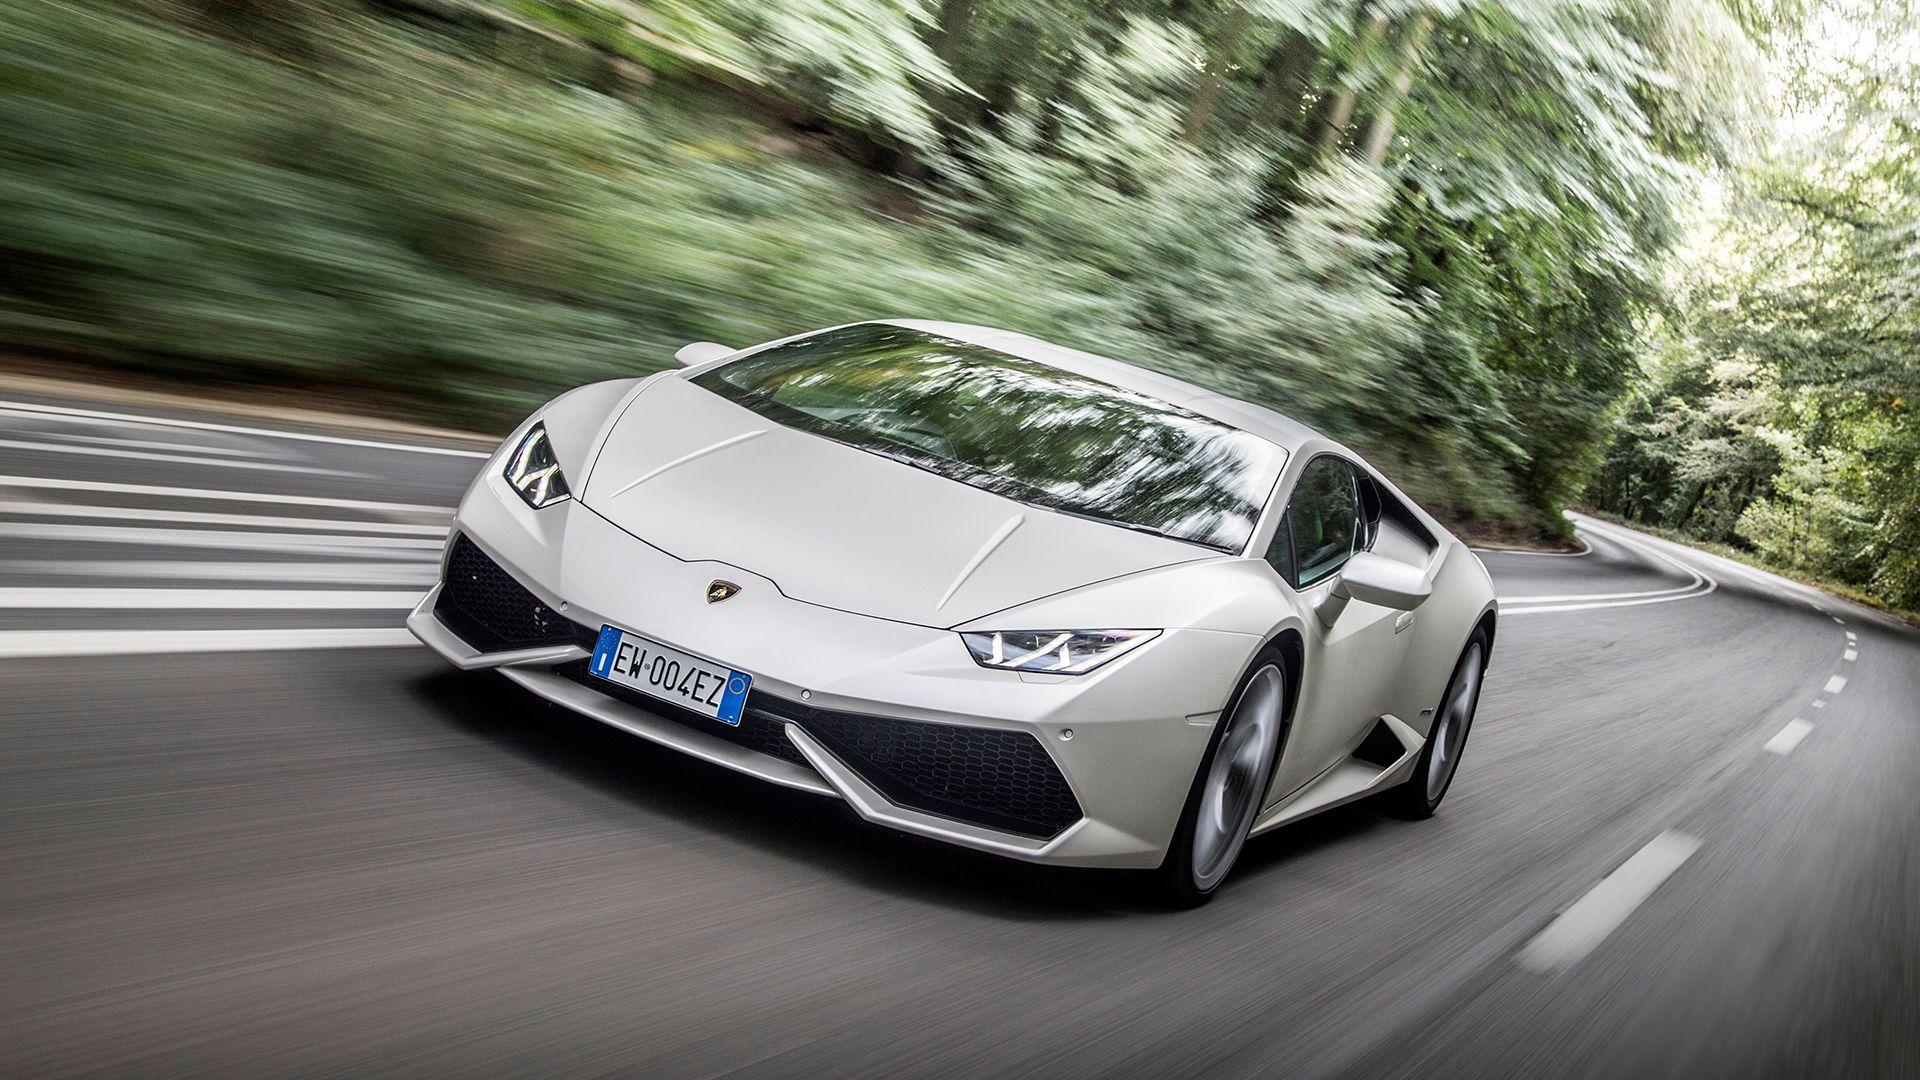 Lamborghini Huracan V10 image